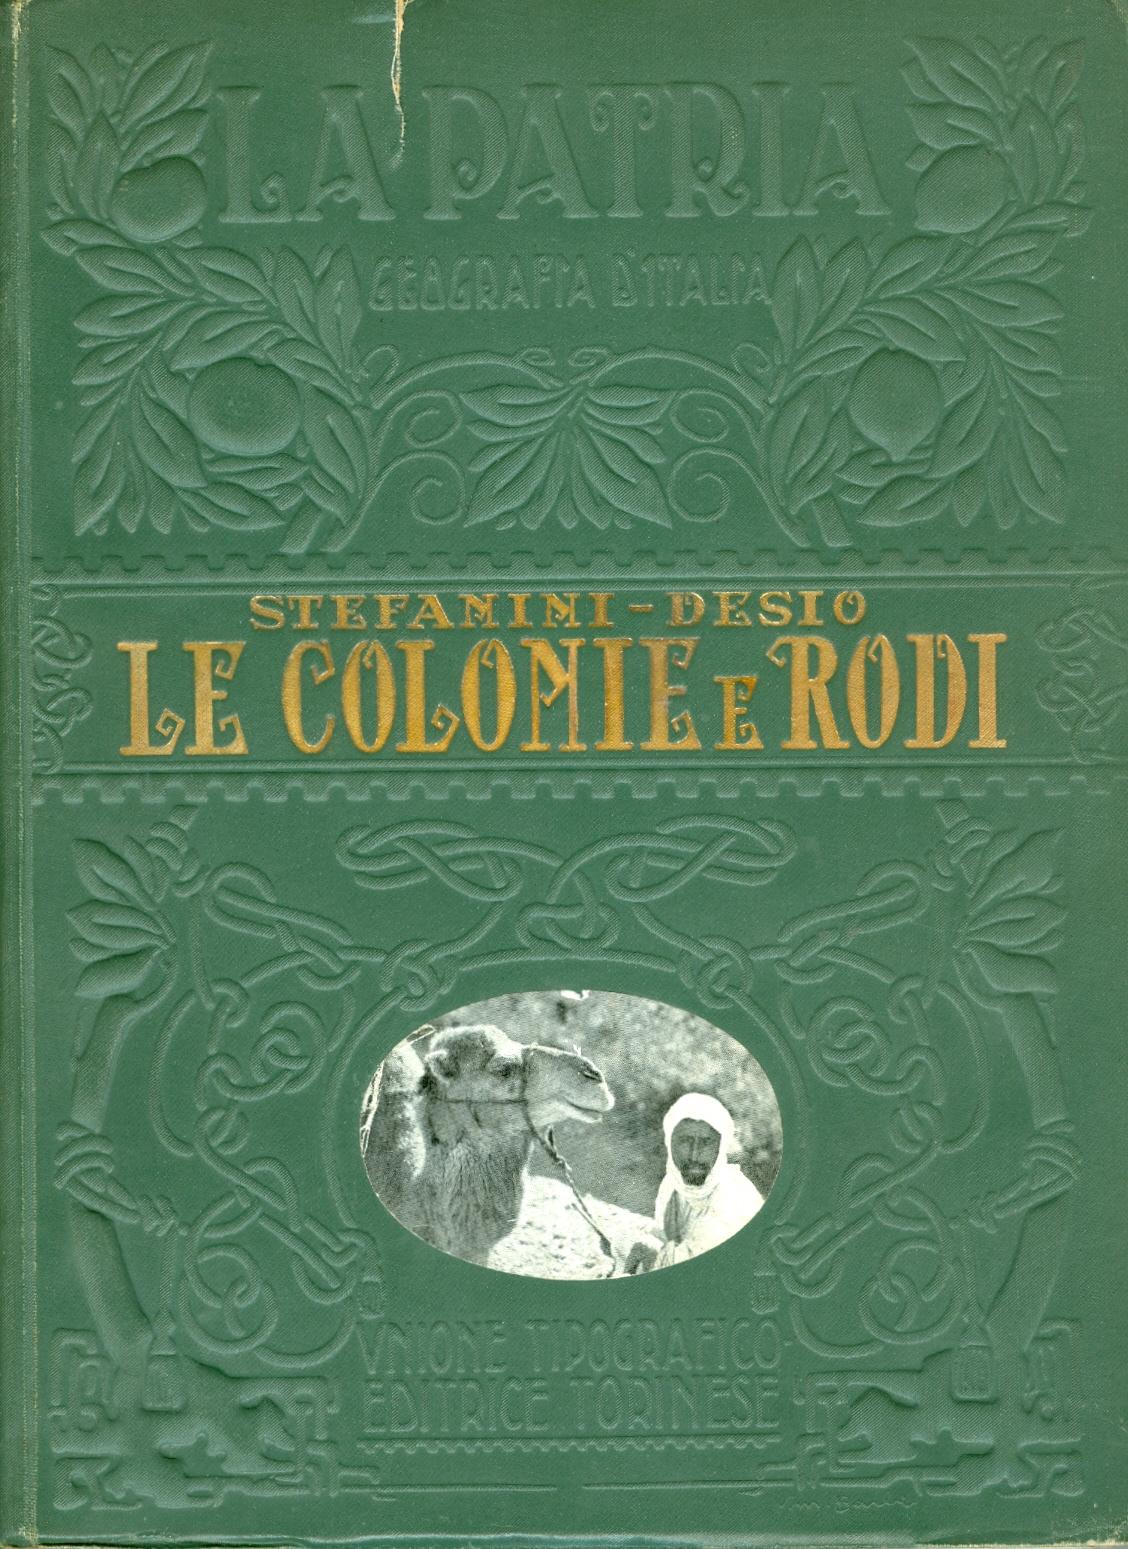 Le Colonie - Rodi e le isole italiane dell'Egeo